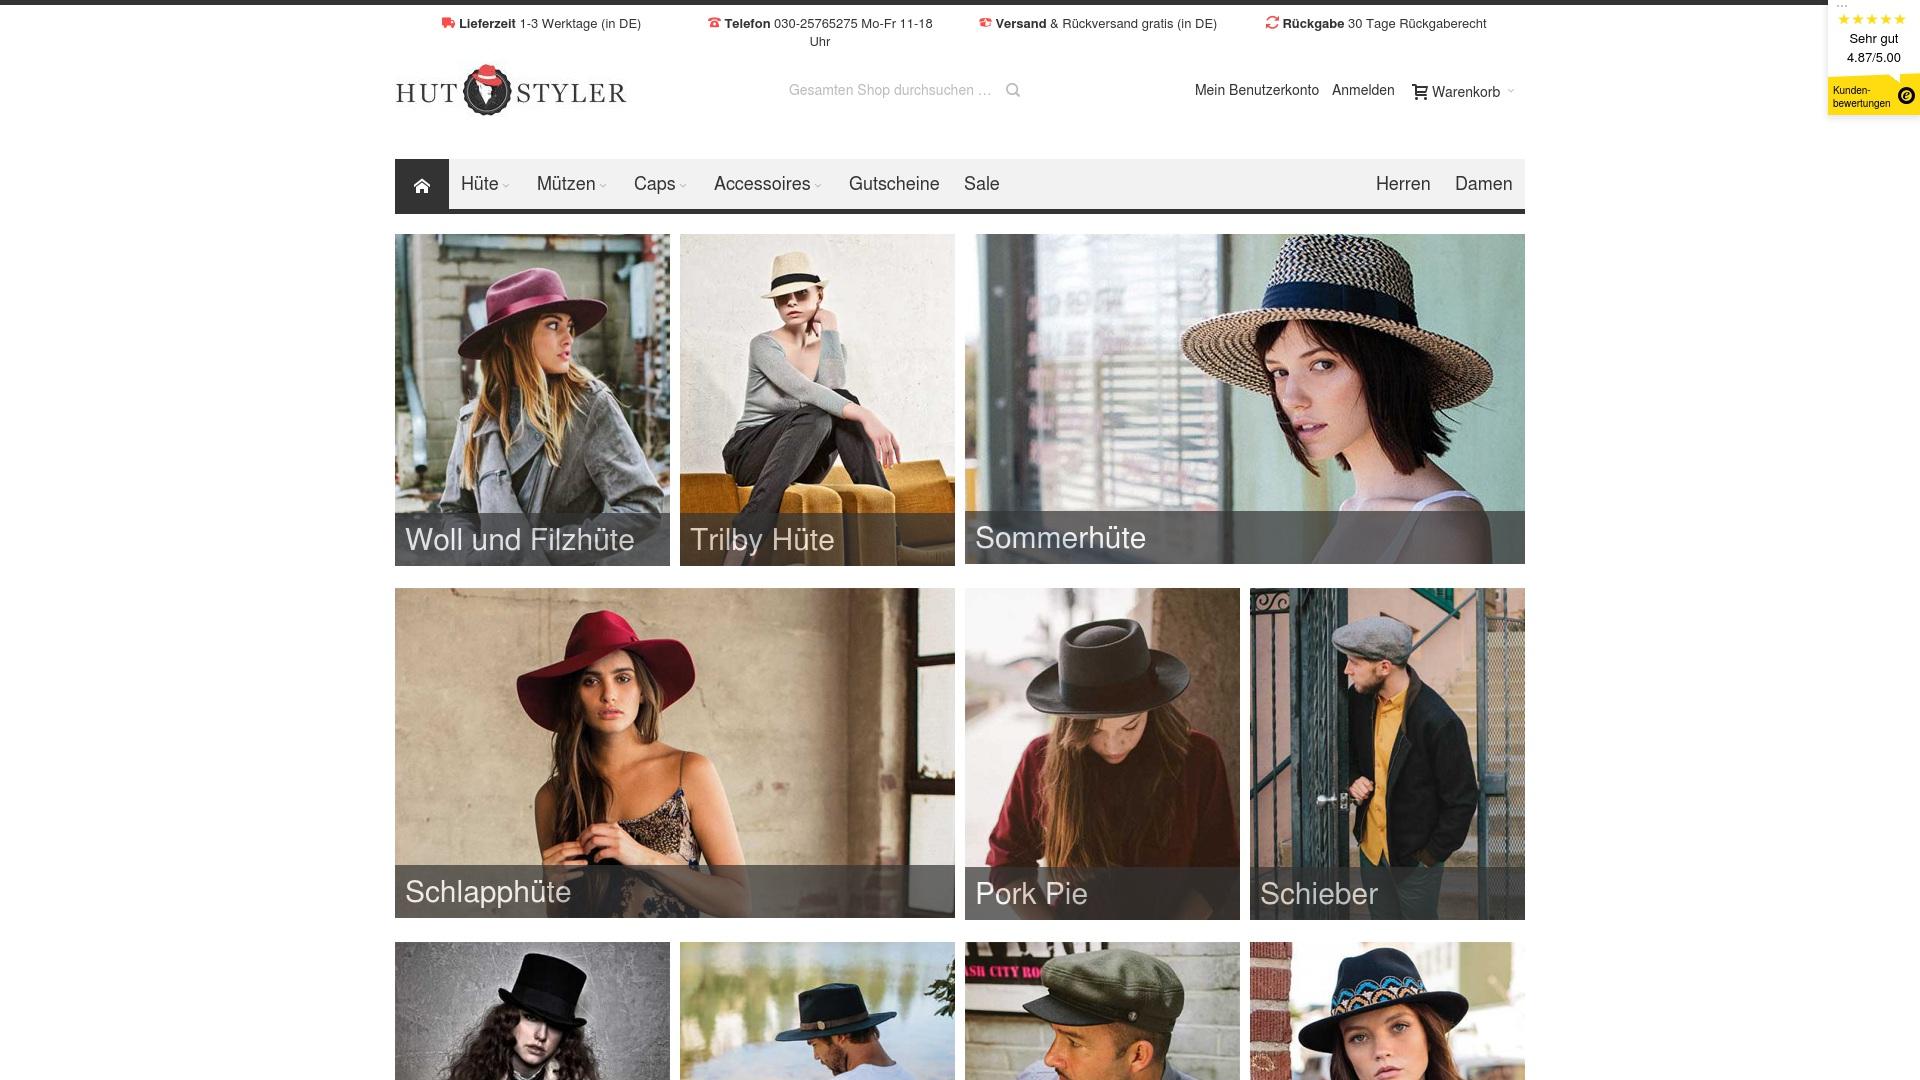 Gutschein für Hut-styler: Rabatte für  Hut-styler sichern